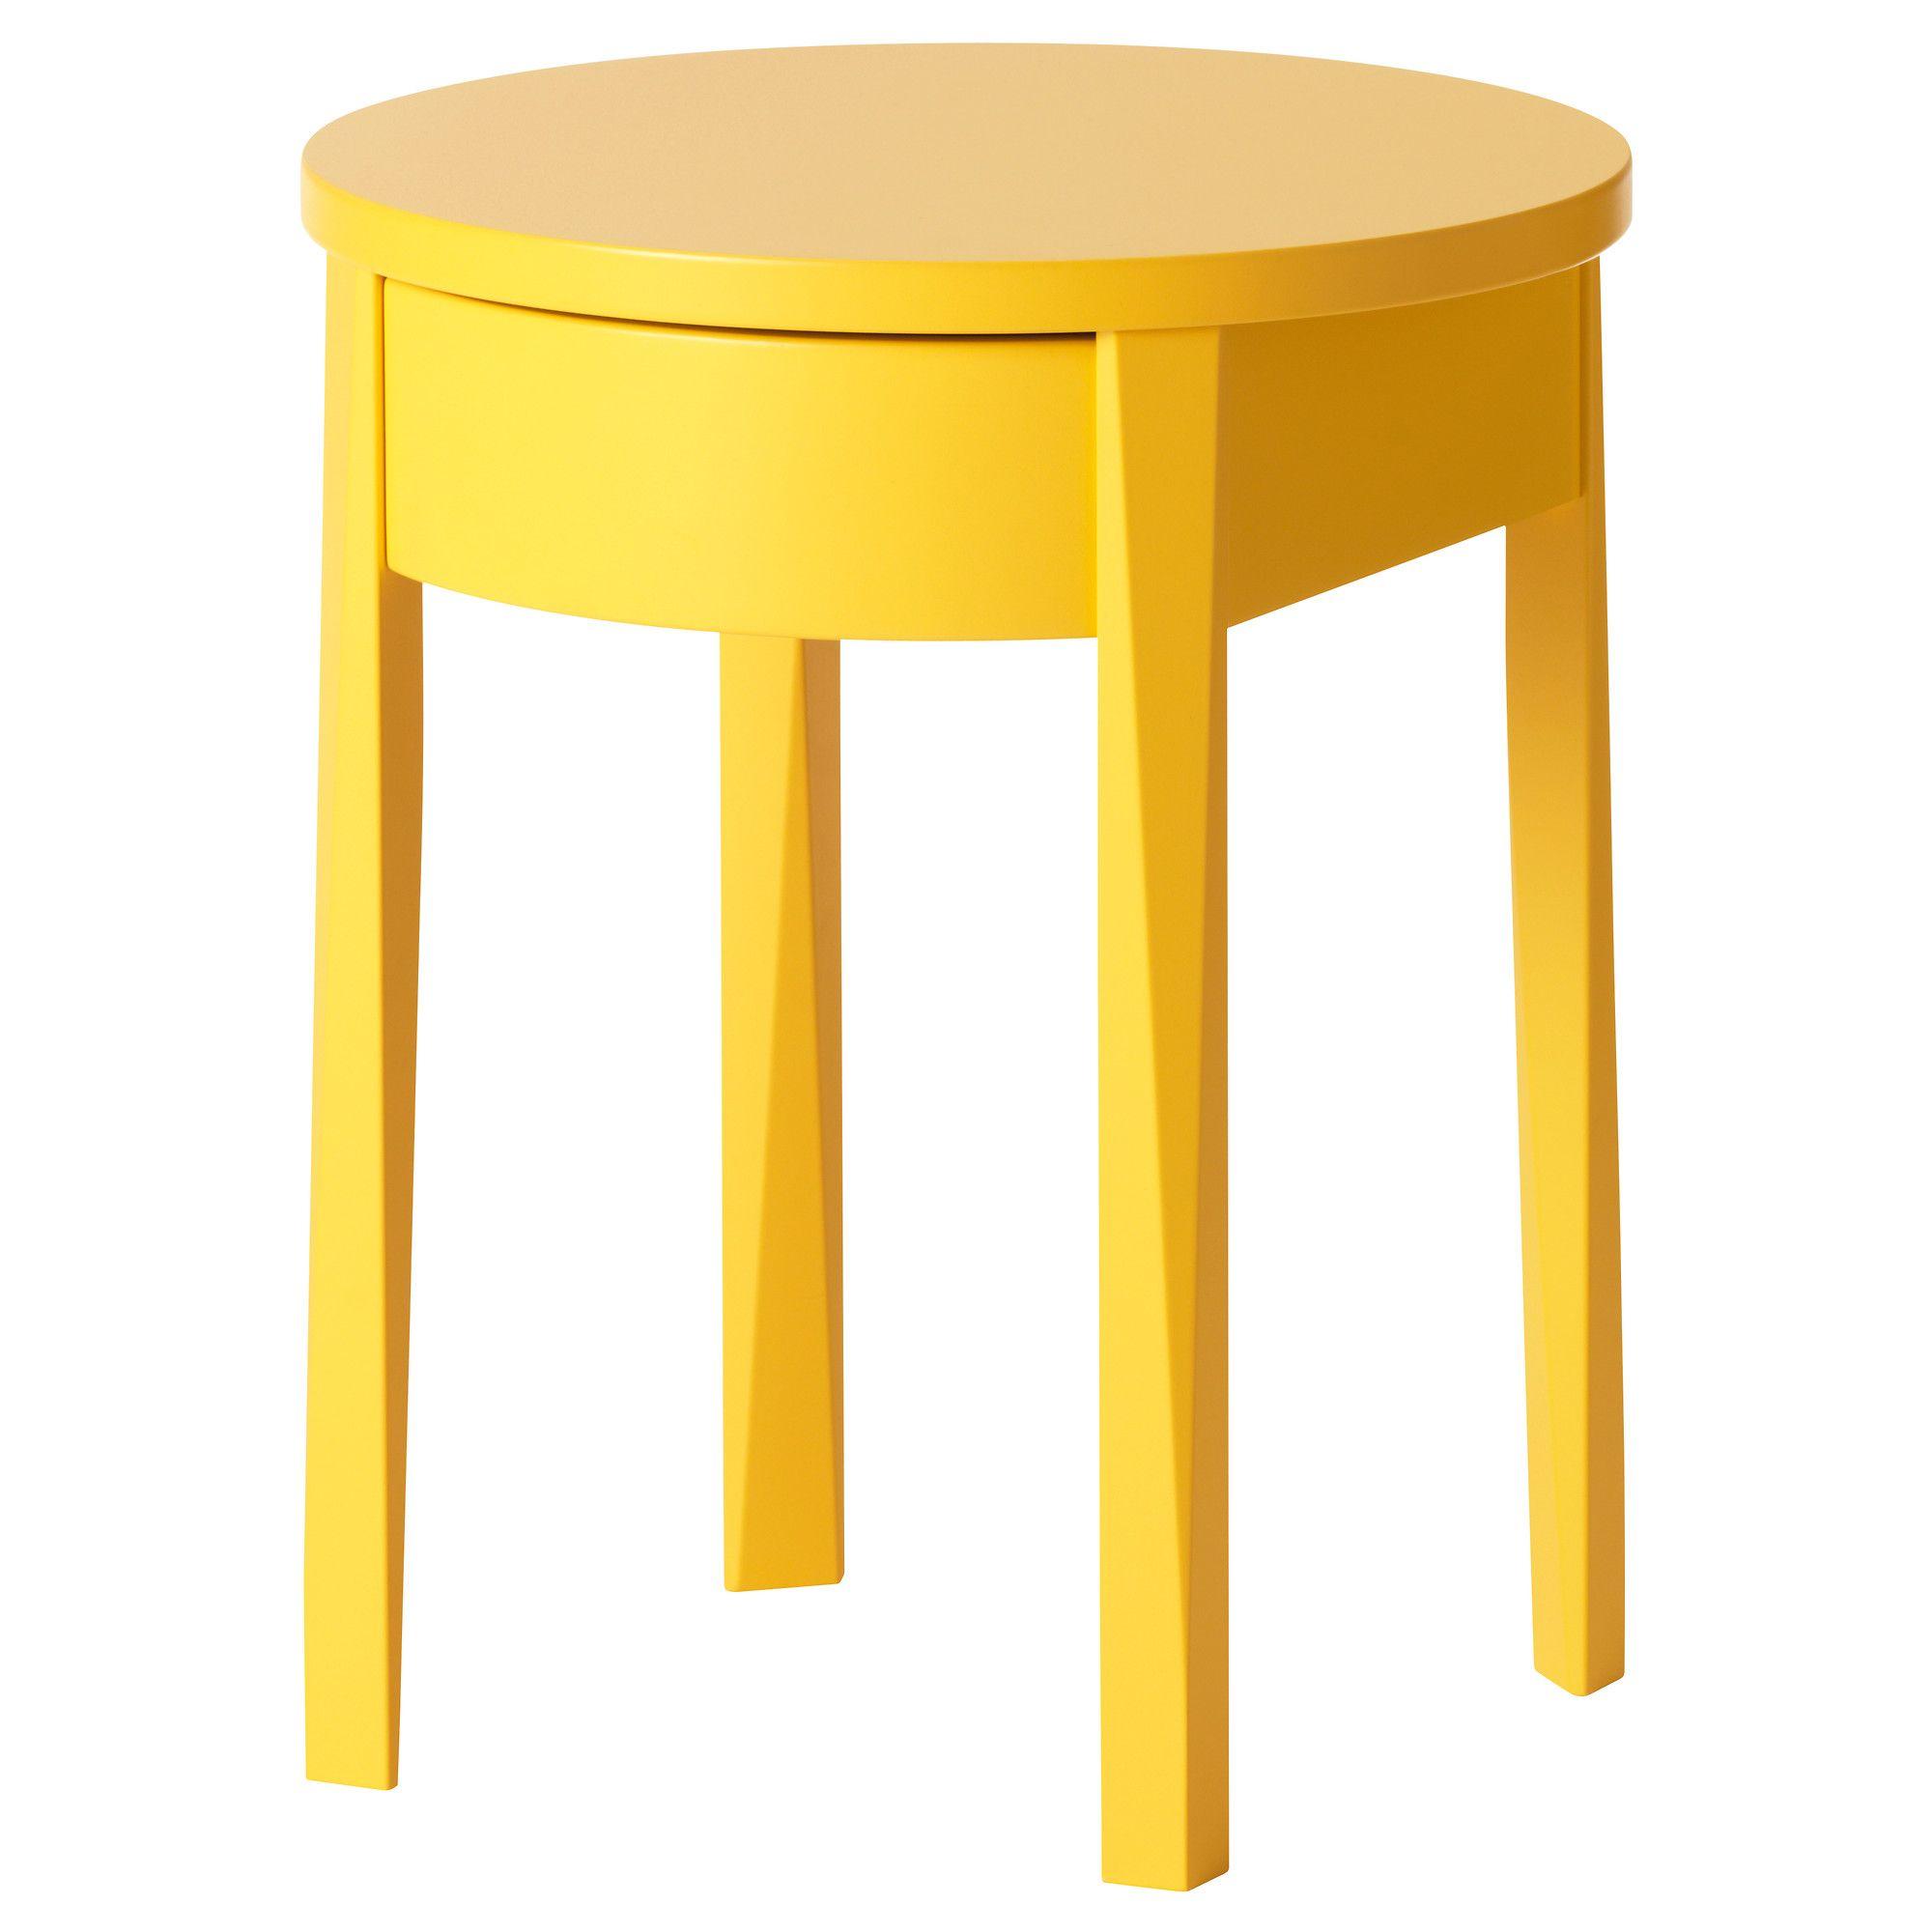 Ikea Nederland Interieur Online Bestellen Bedside Table Ikea Ikea Stockholm Ikea